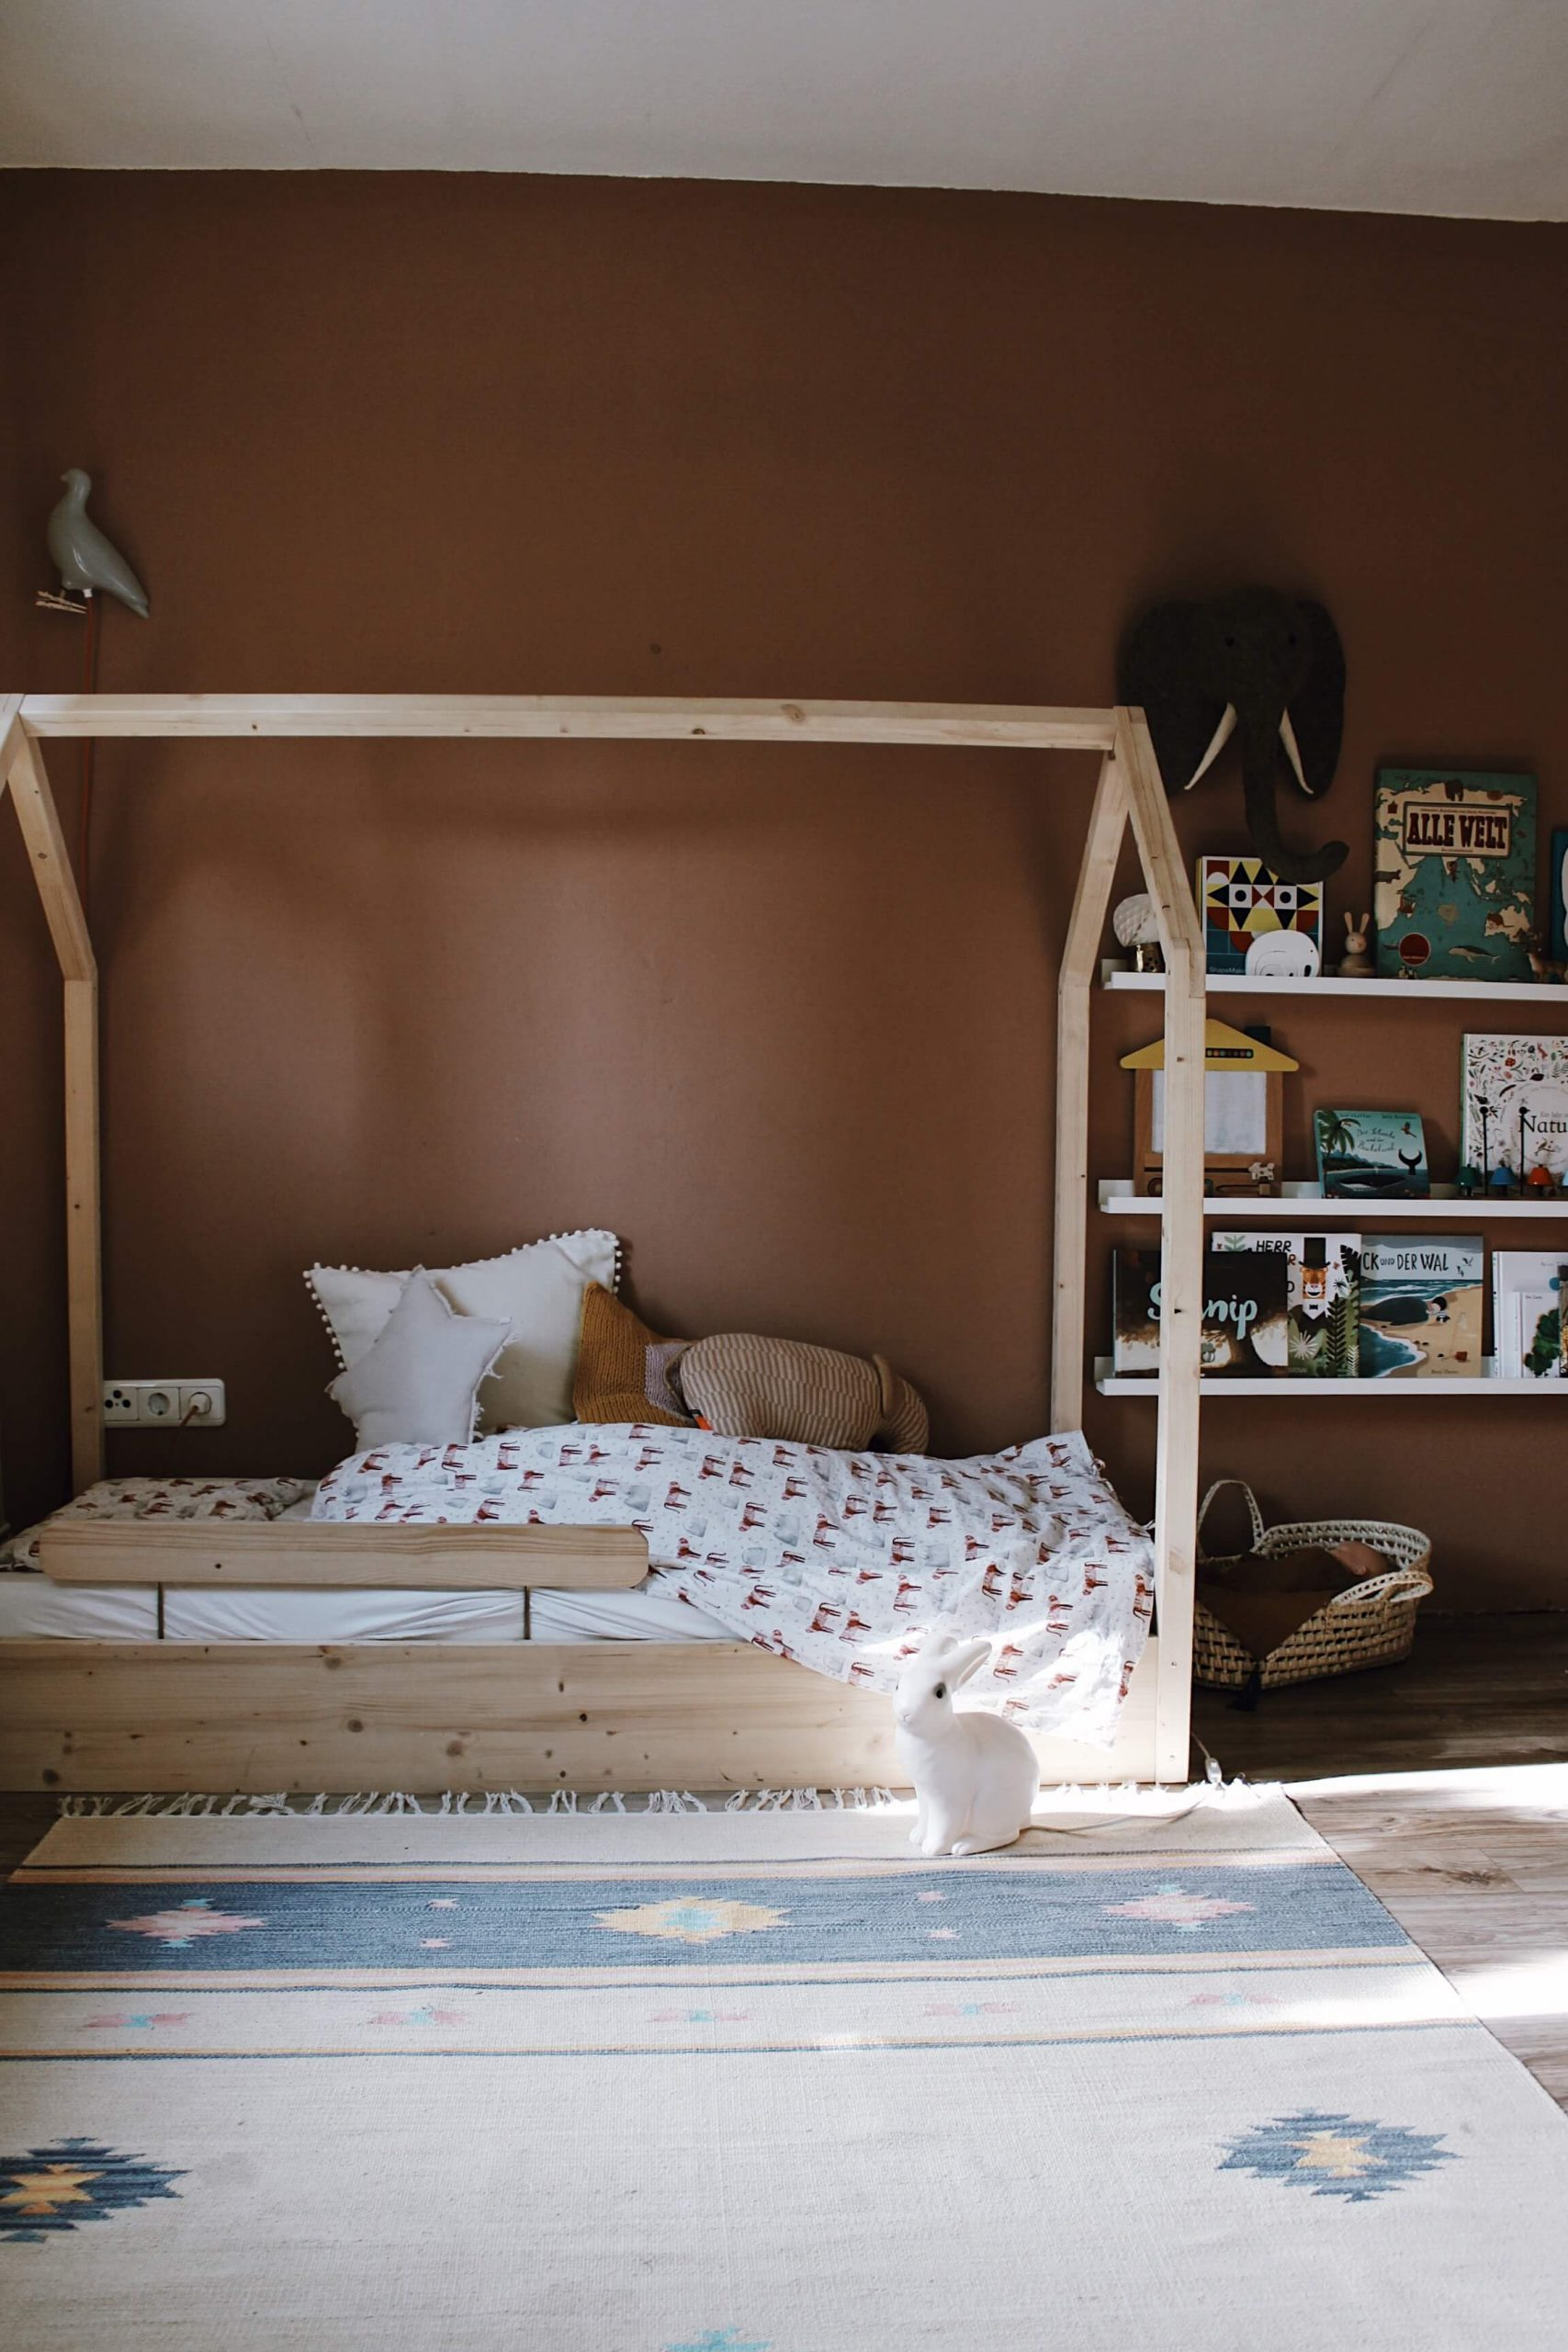 Traumhaft schönes Kinderzimmer